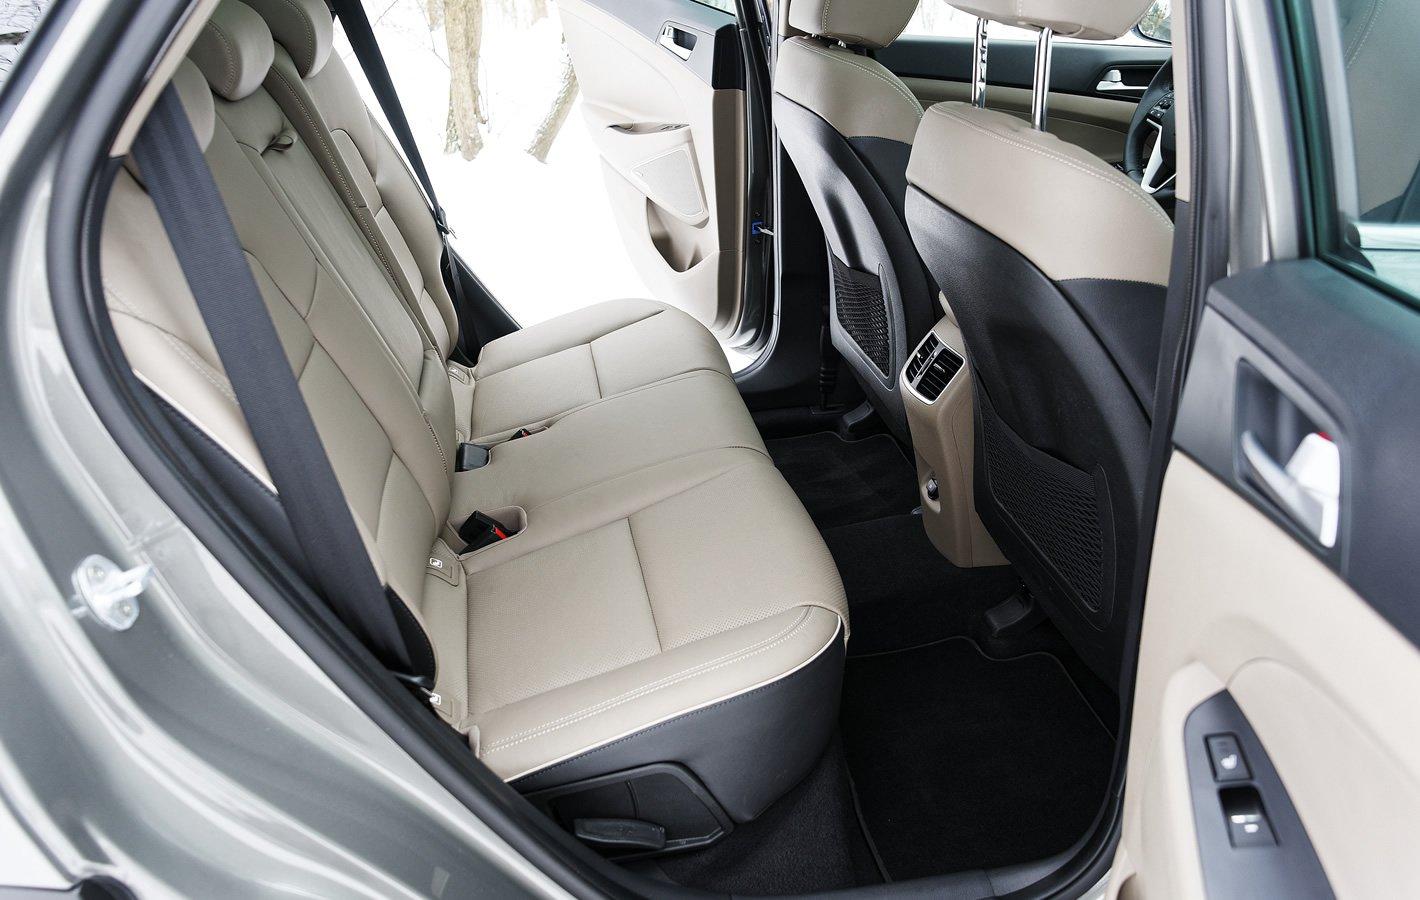 Hyundai Tucson 2.0 CRDi 48V - tylna kanapa